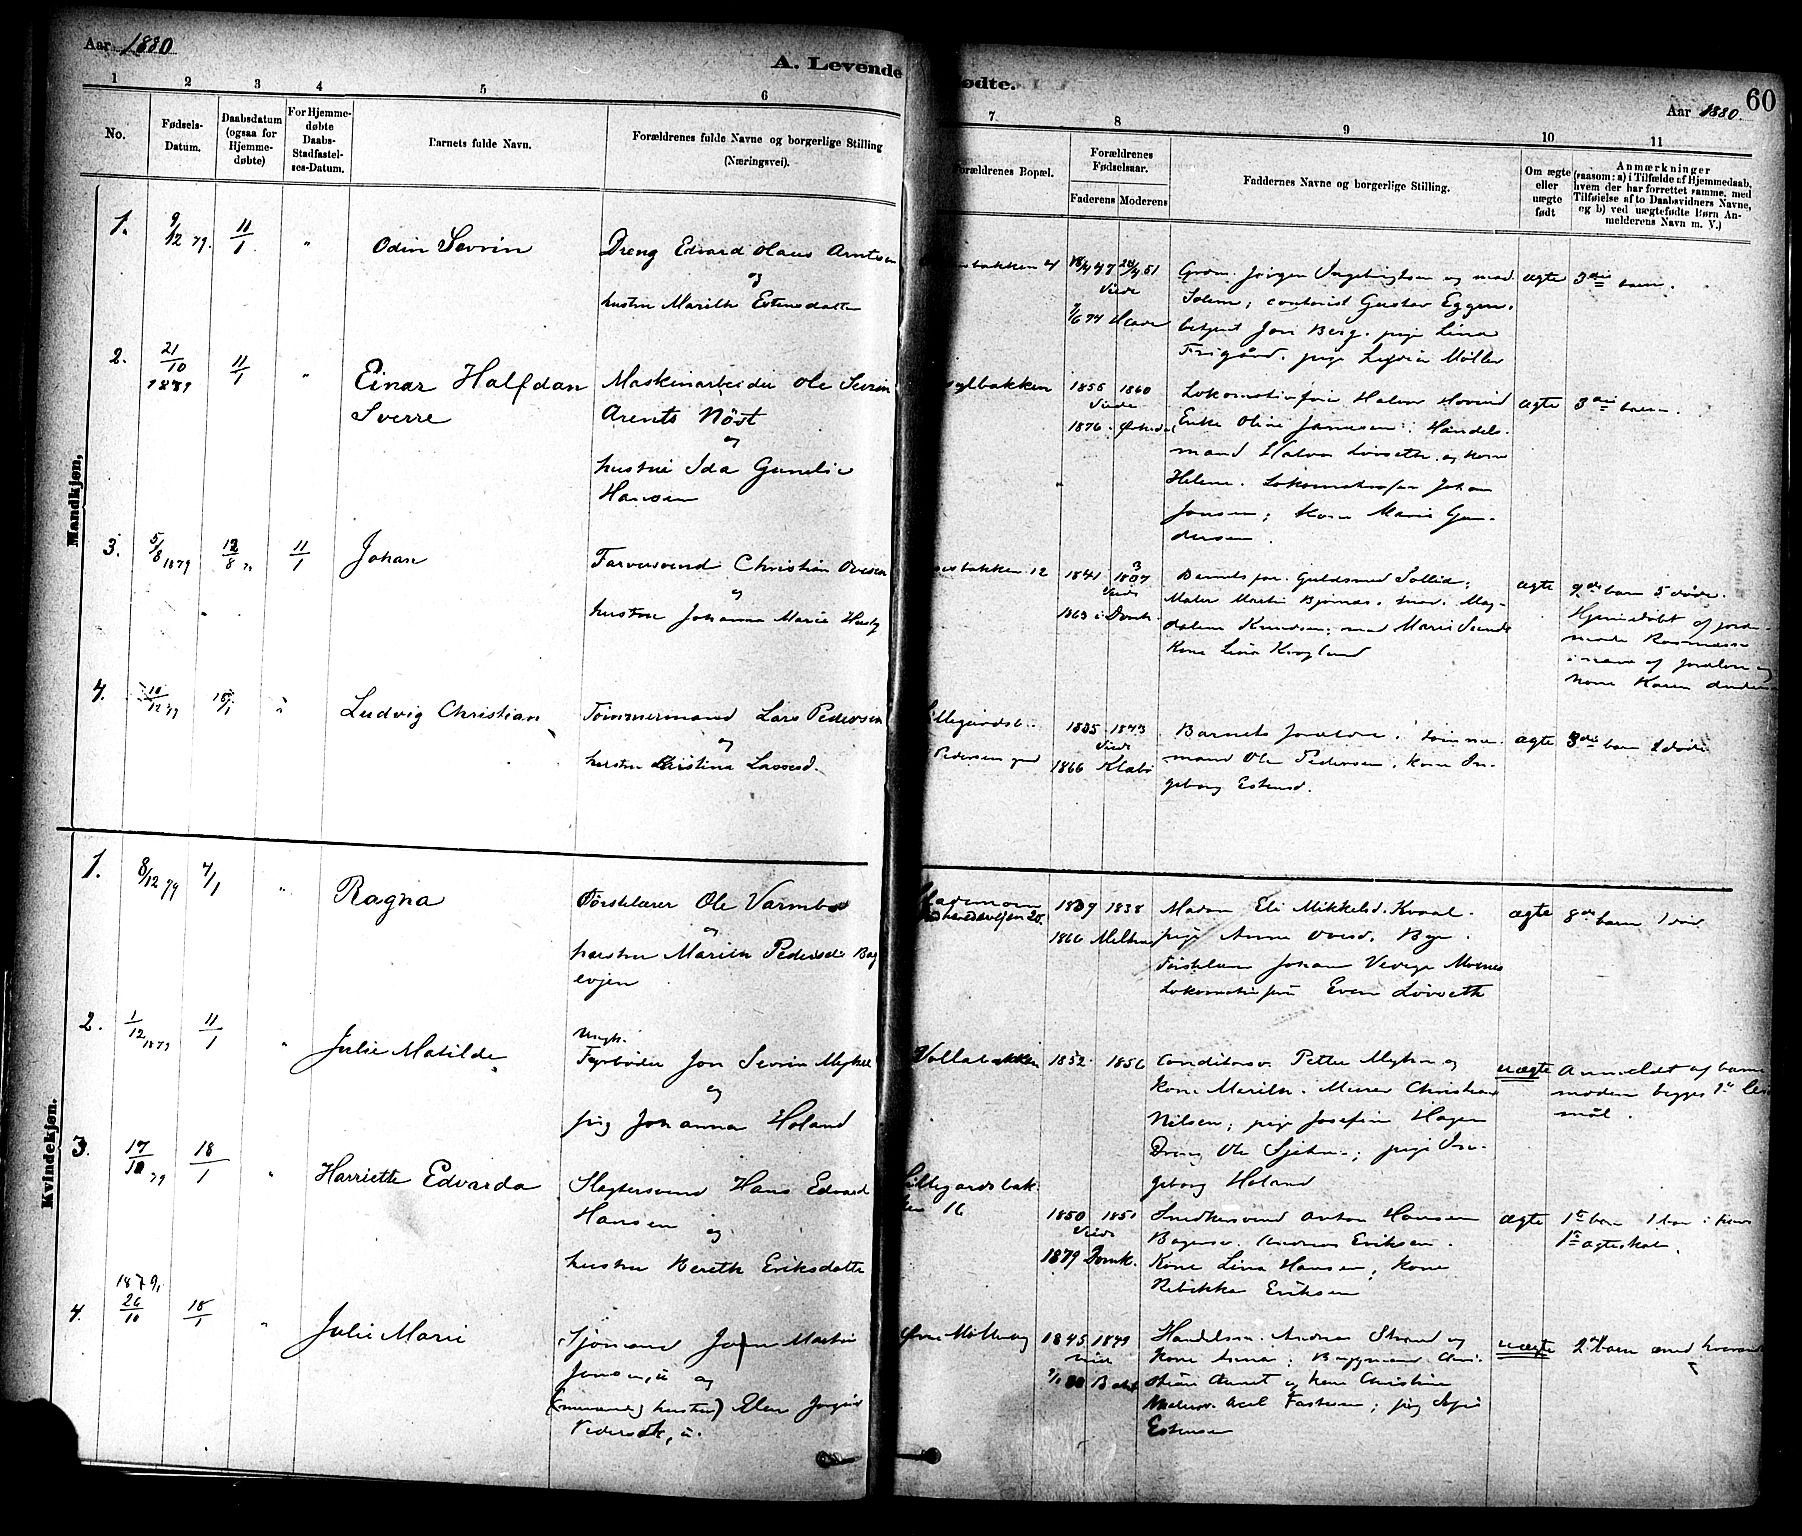 SAT, Ministerialprotokoller, klokkerbøker og fødselsregistre - Sør-Trøndelag, 604/L0188: Ministerialbok nr. 604A09, 1878-1892, s. 60